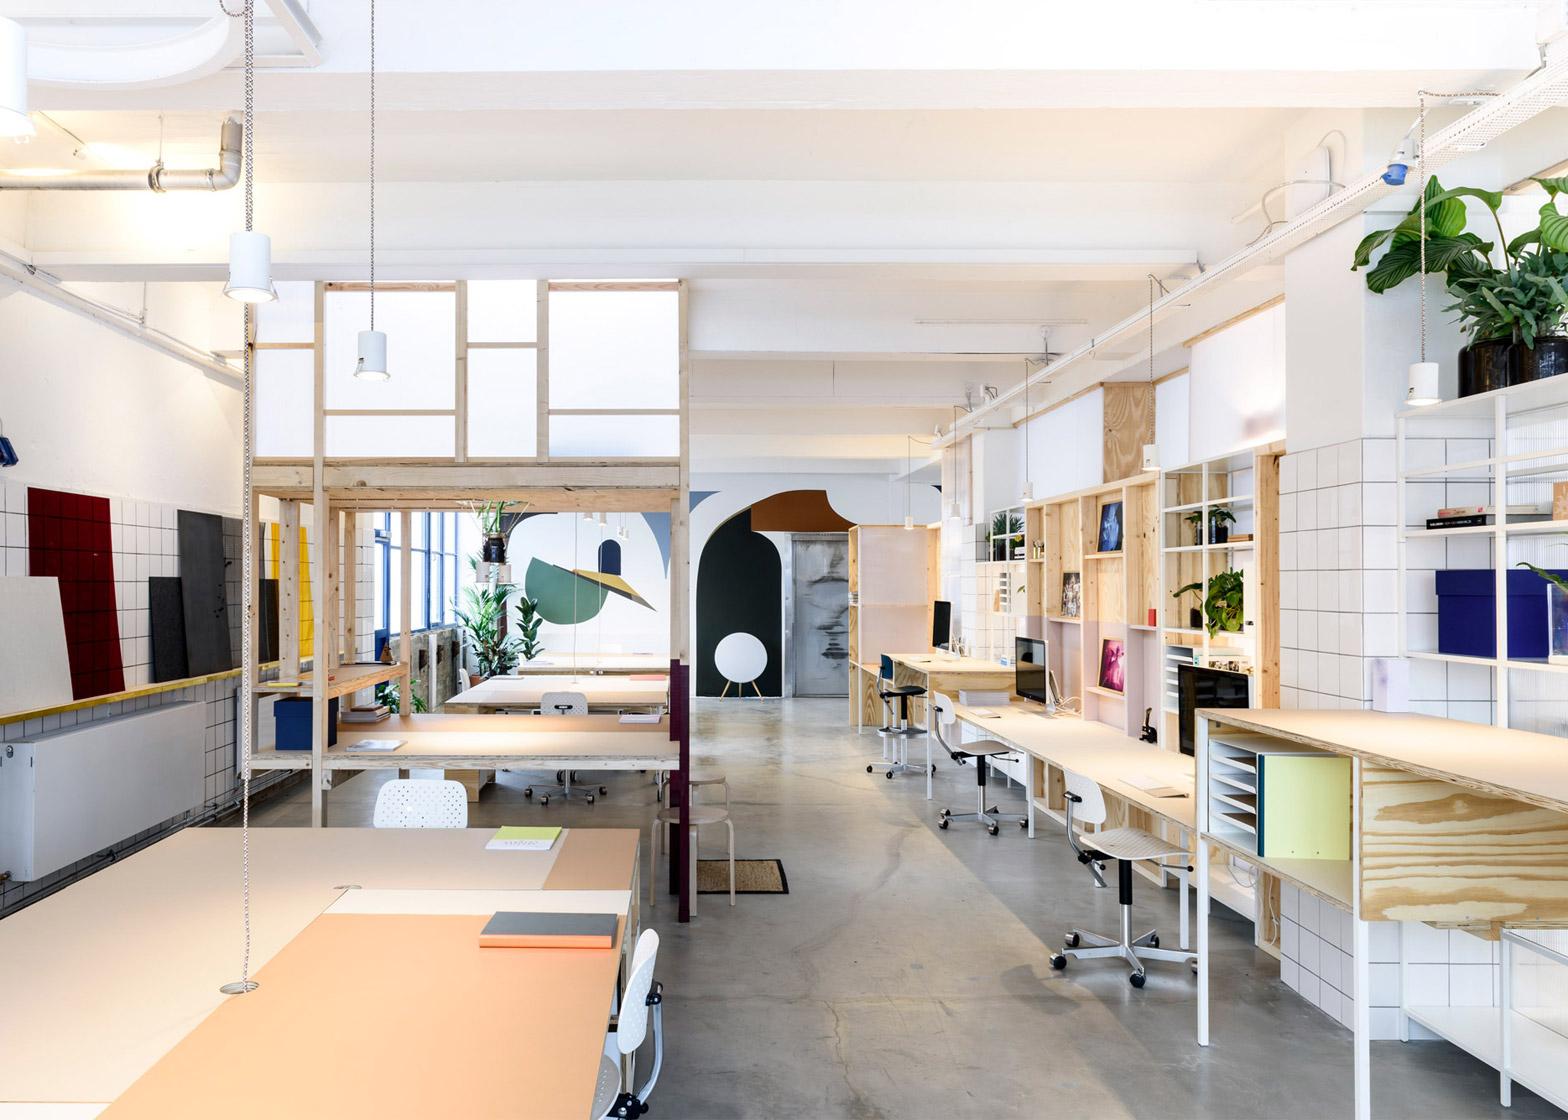 Space10 ikea un laboratorio a copenhagen dove sviluppare for Ikea cuscino nuvola